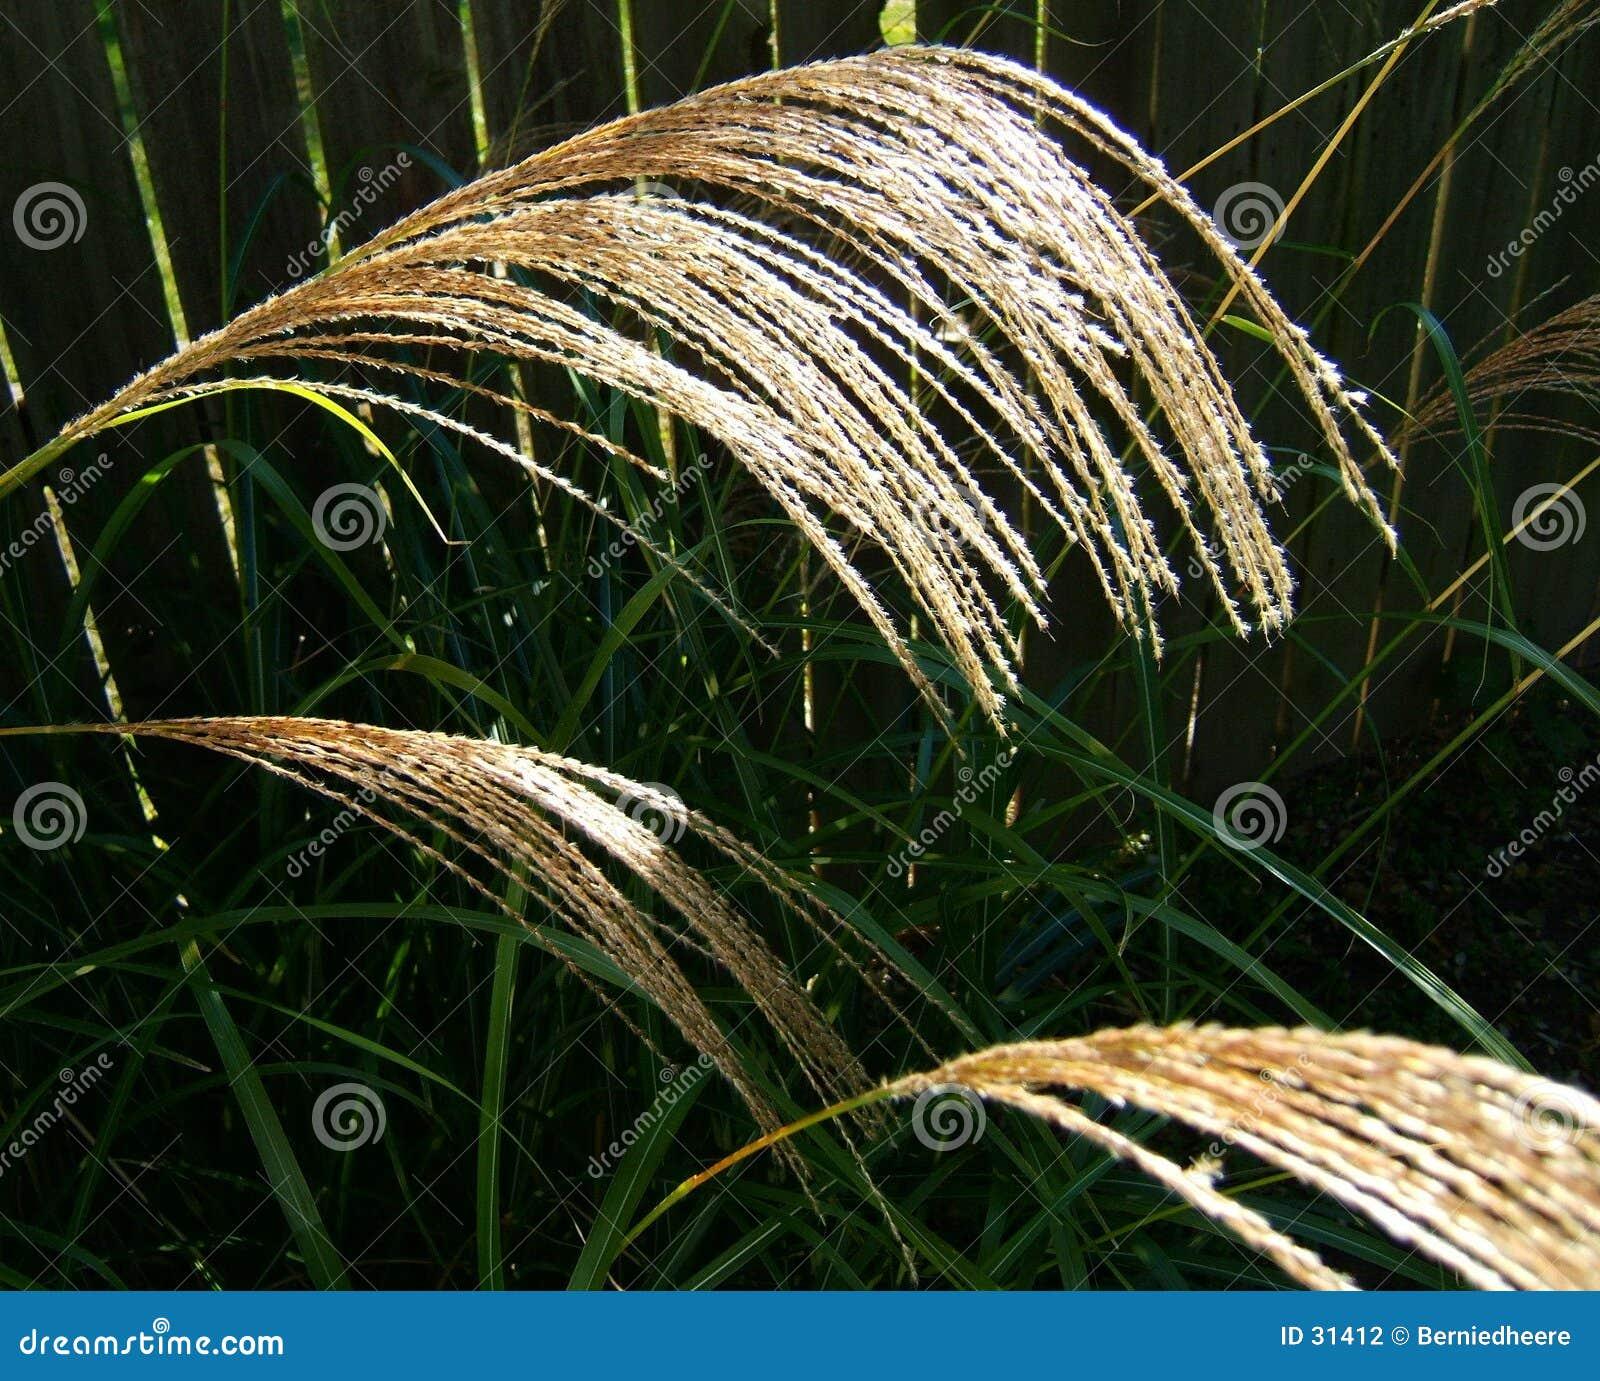 Hohe Gras-Startwert- für Zufallsgeneratorköpfe